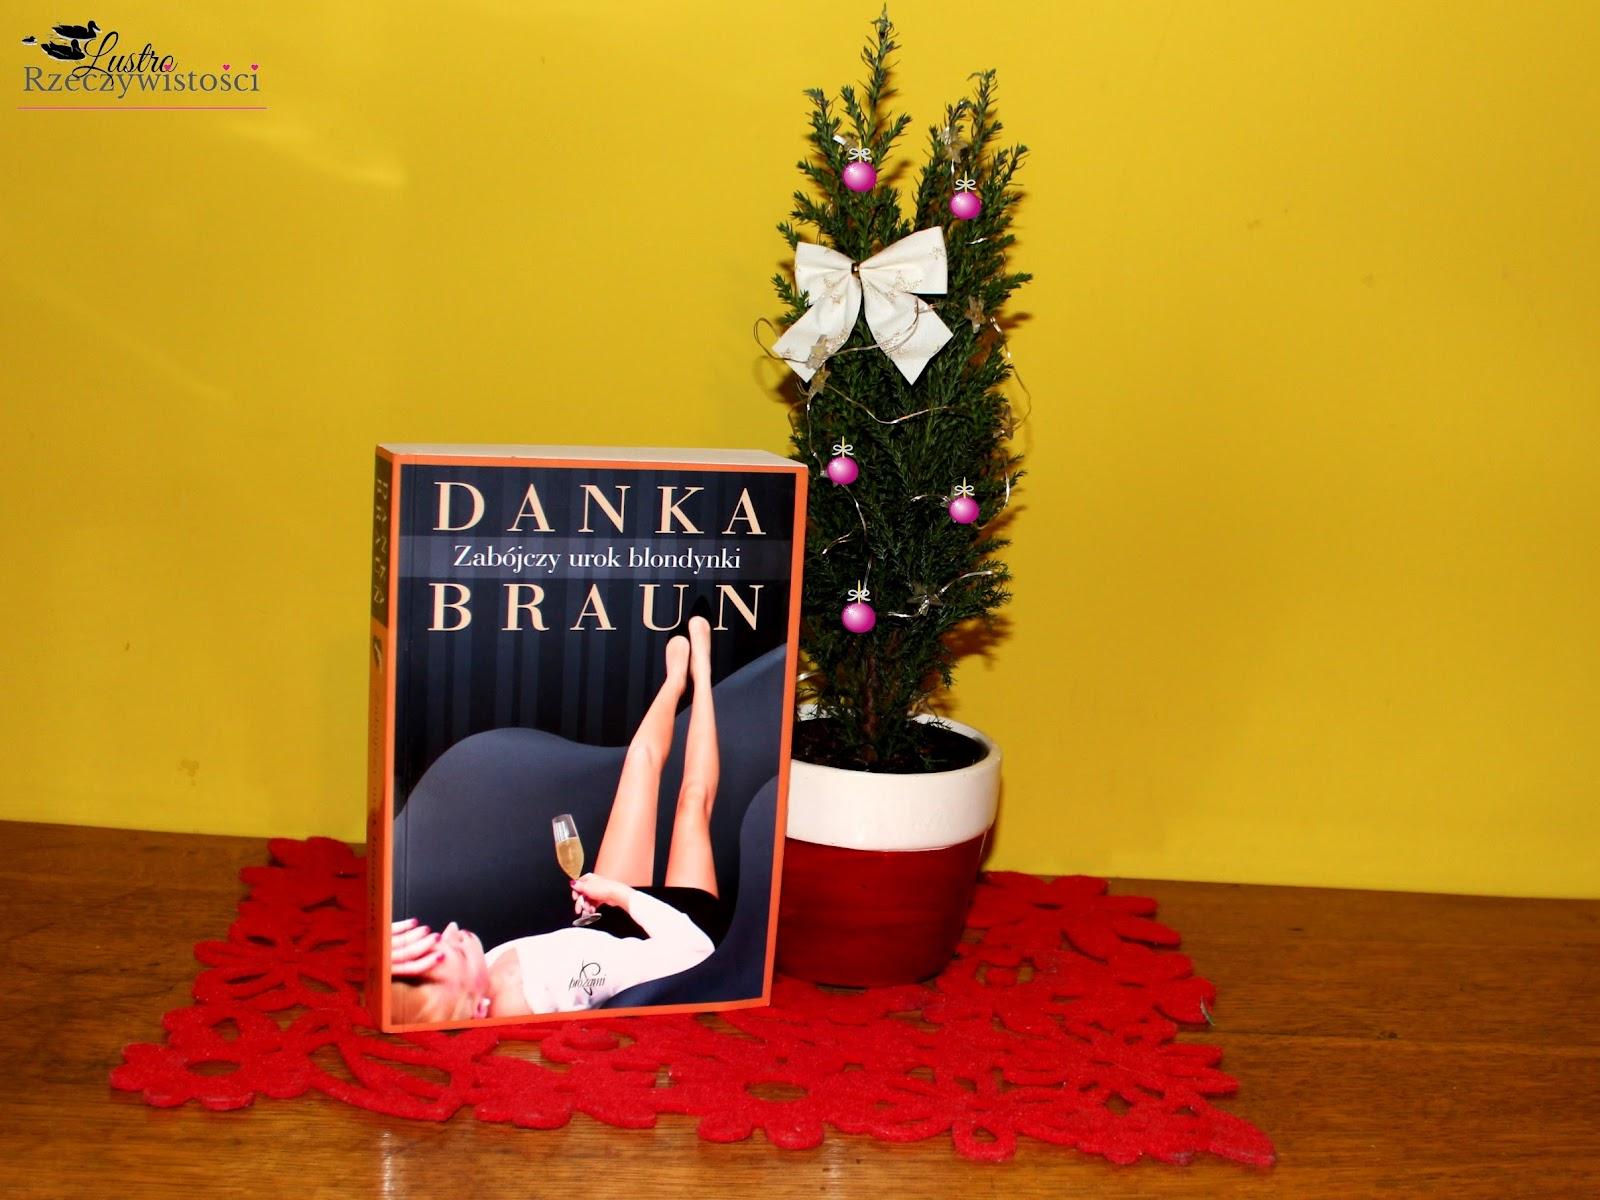 Zabójczy urok blondynki – Danka Braun. Miłość i zbrodnia.